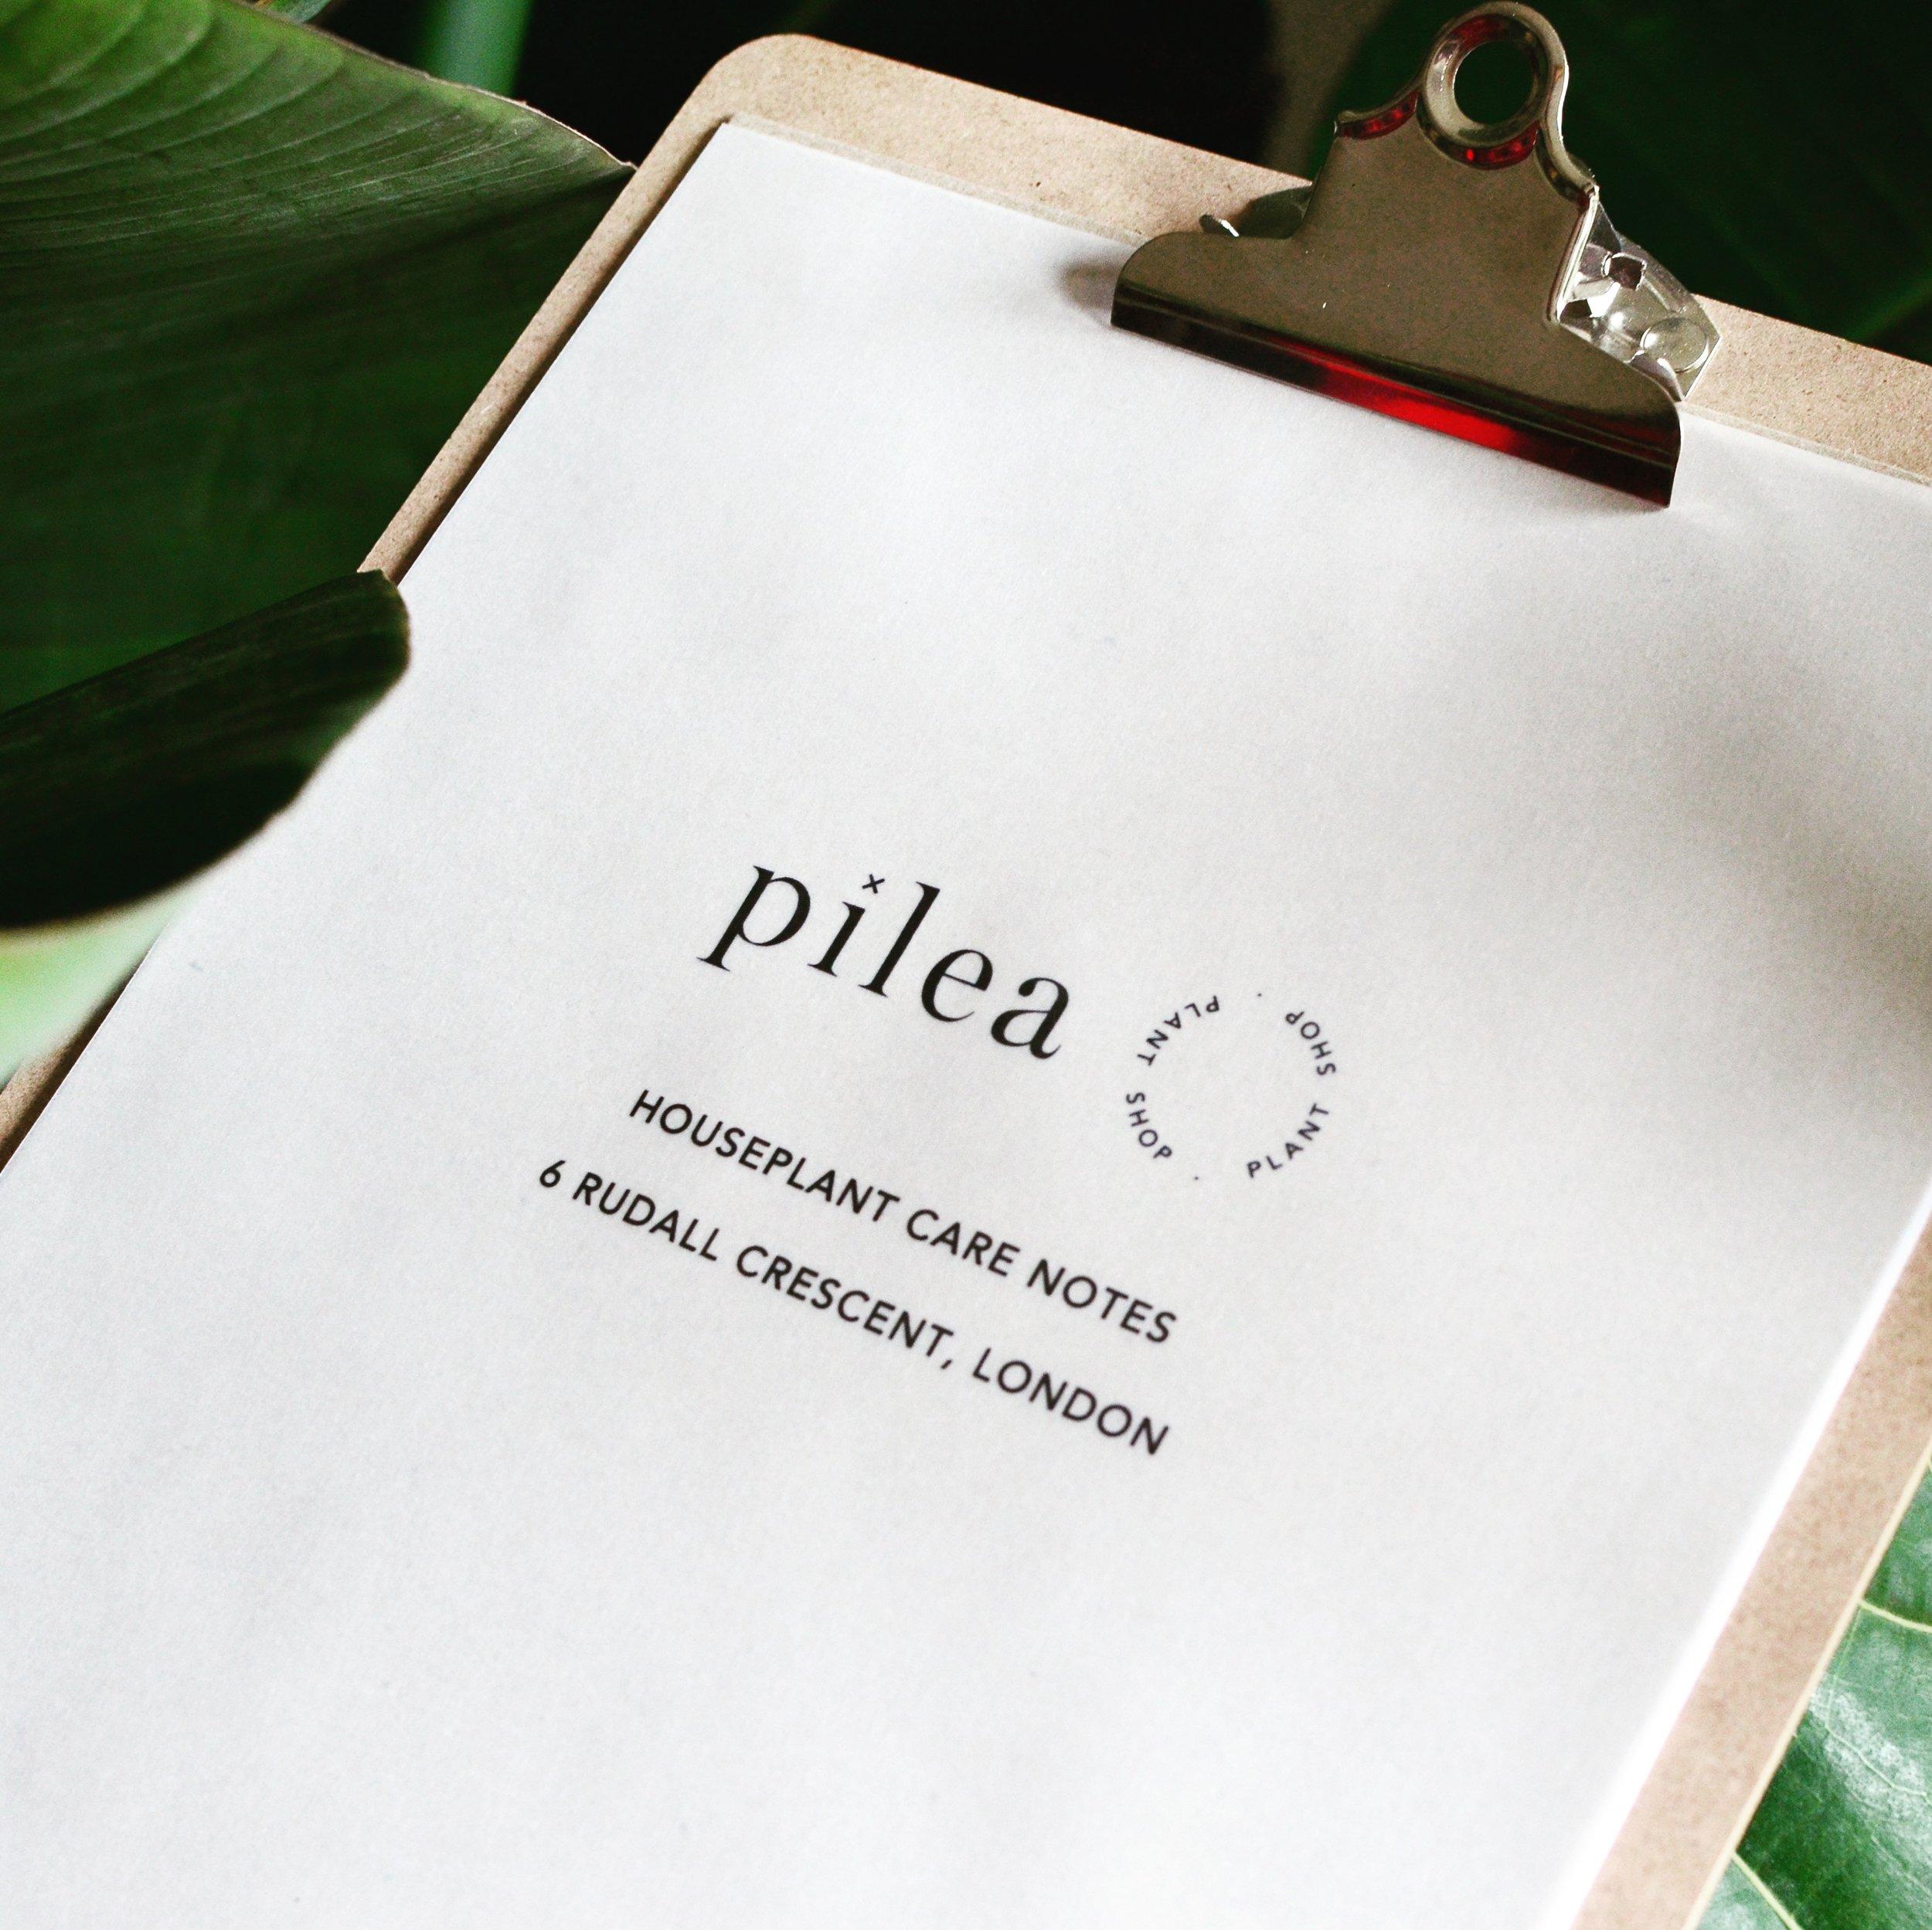 Pilea Plant Shop Houseplant Care Notes.JPG